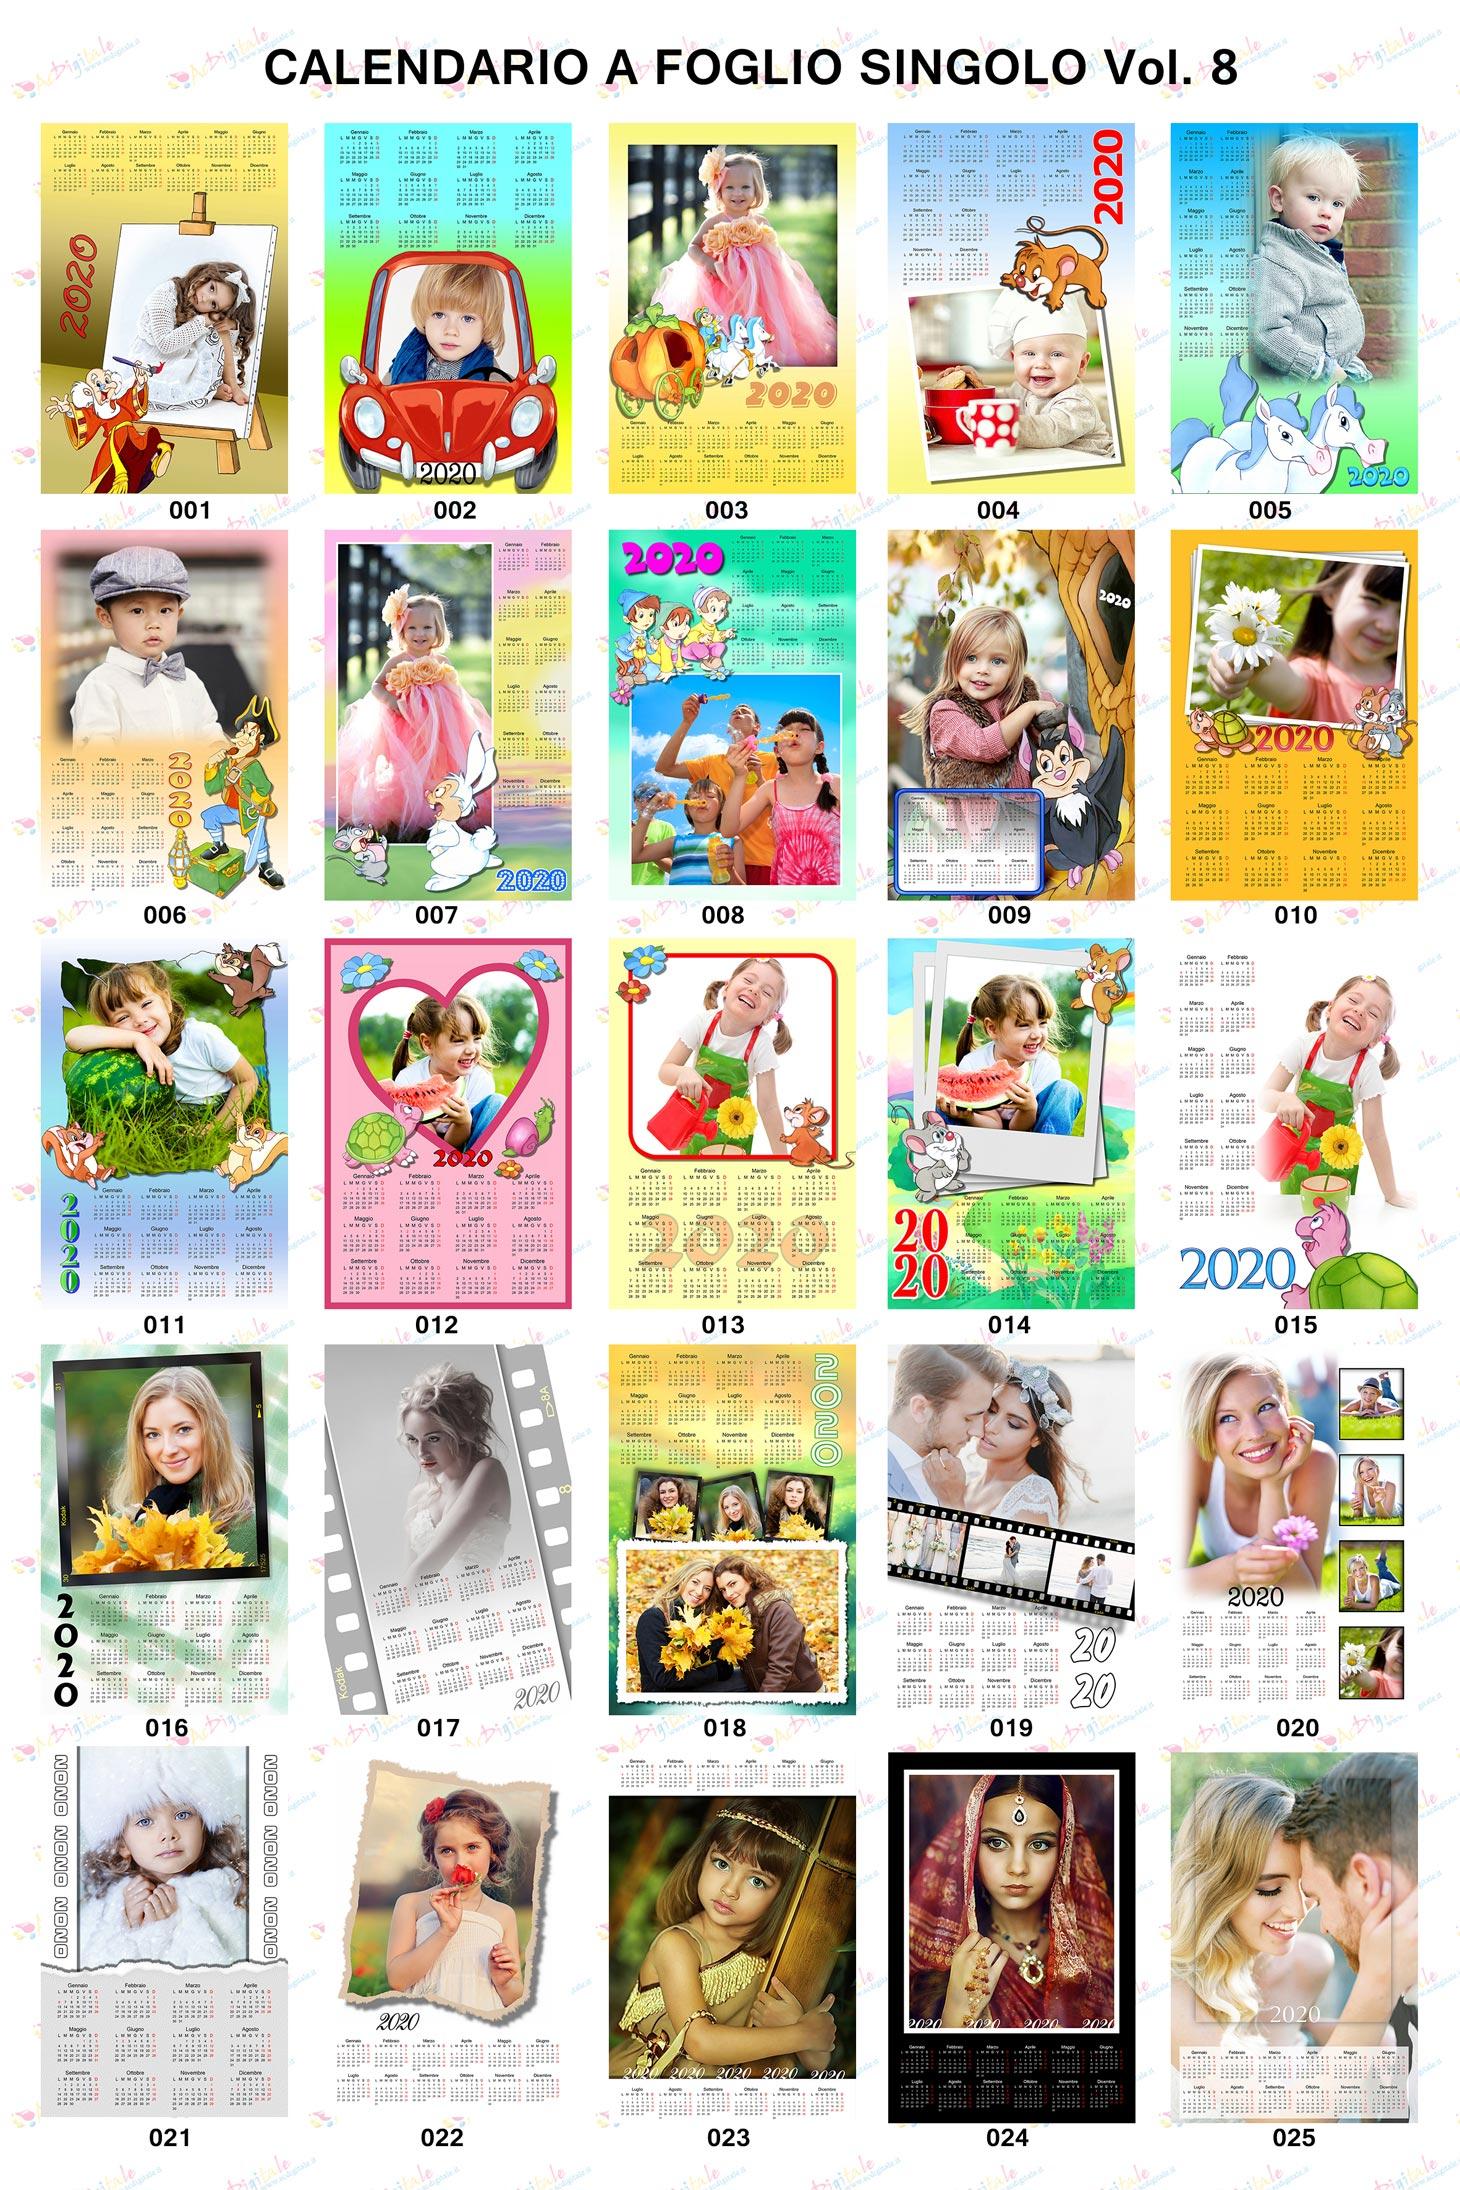 Anteprima calendari personalizzati 2020 volume 8